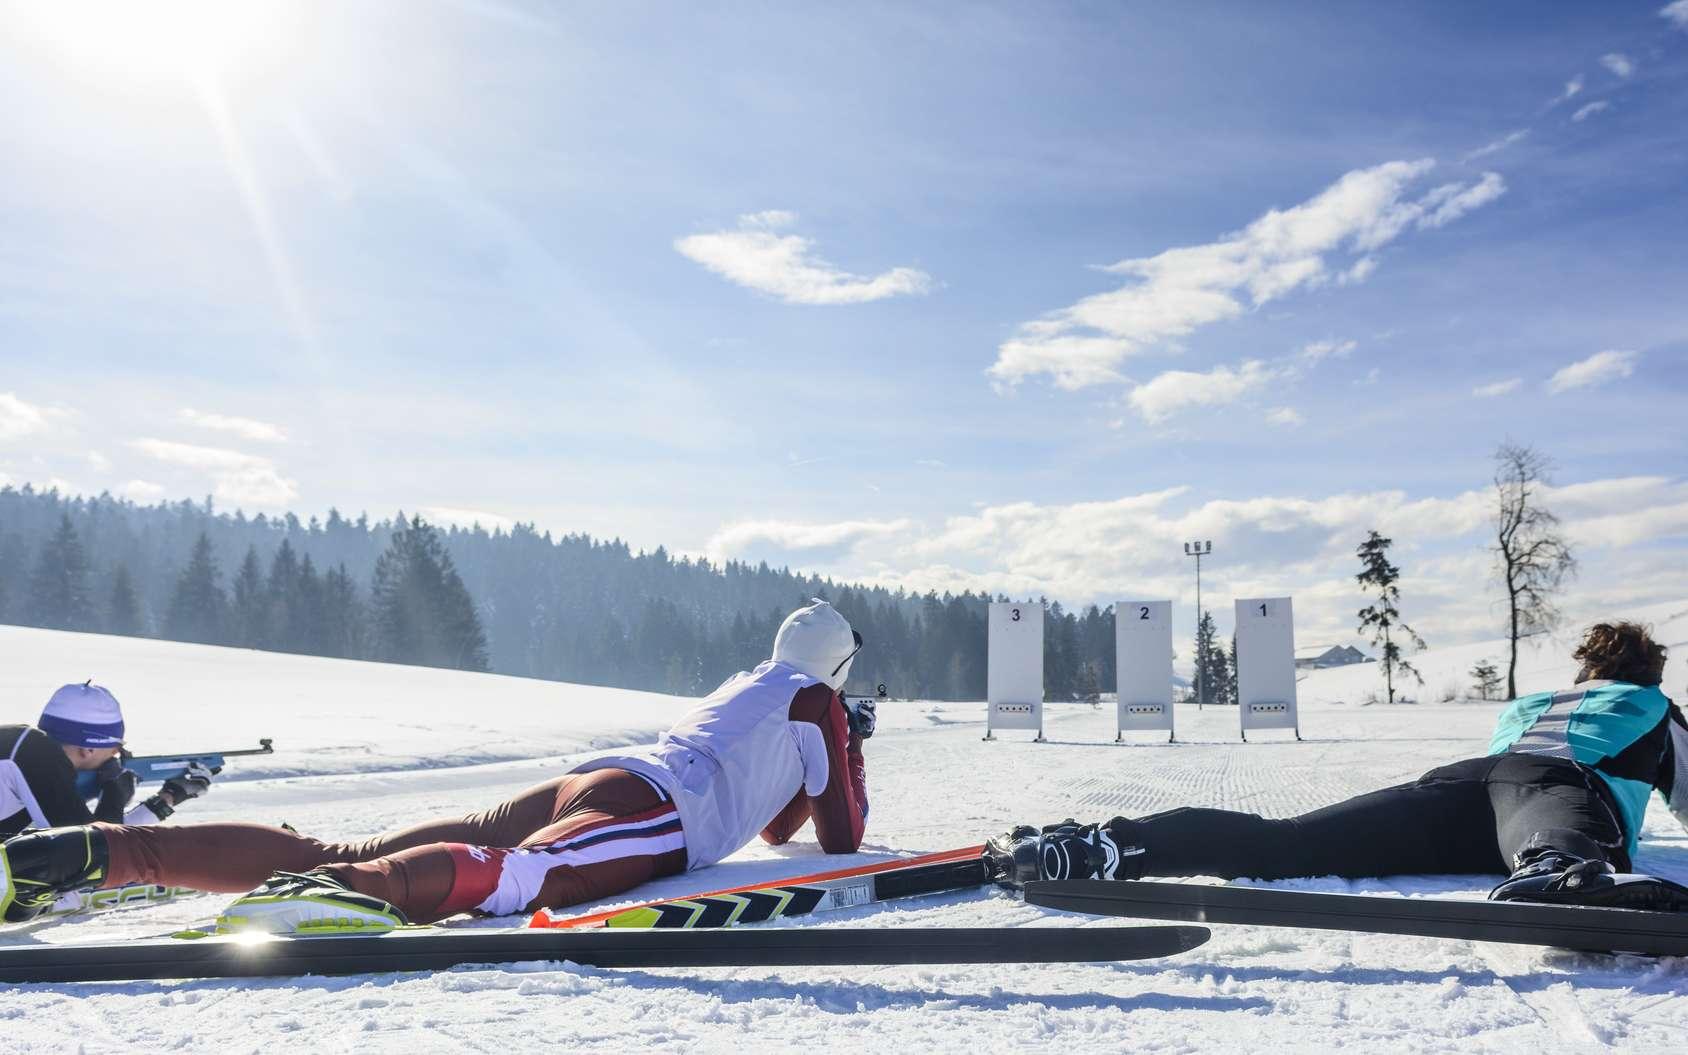 Qu'est-ce que le biathlon? © ARochau, fotolia